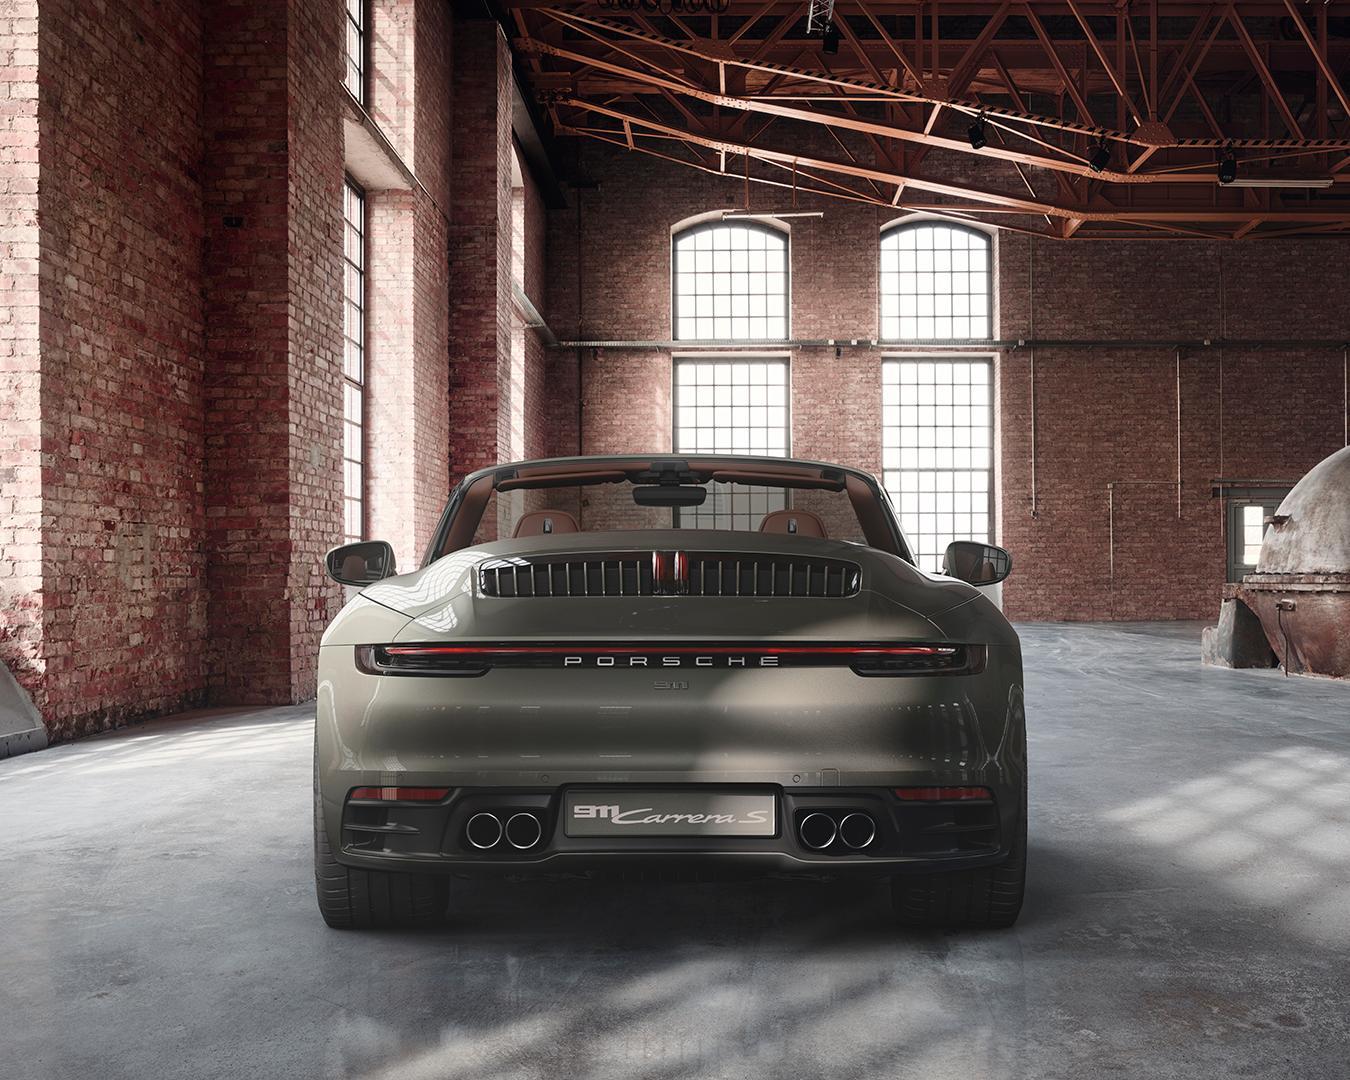 911 Carrera S Cabriolet by Porsche Exclusive (2)